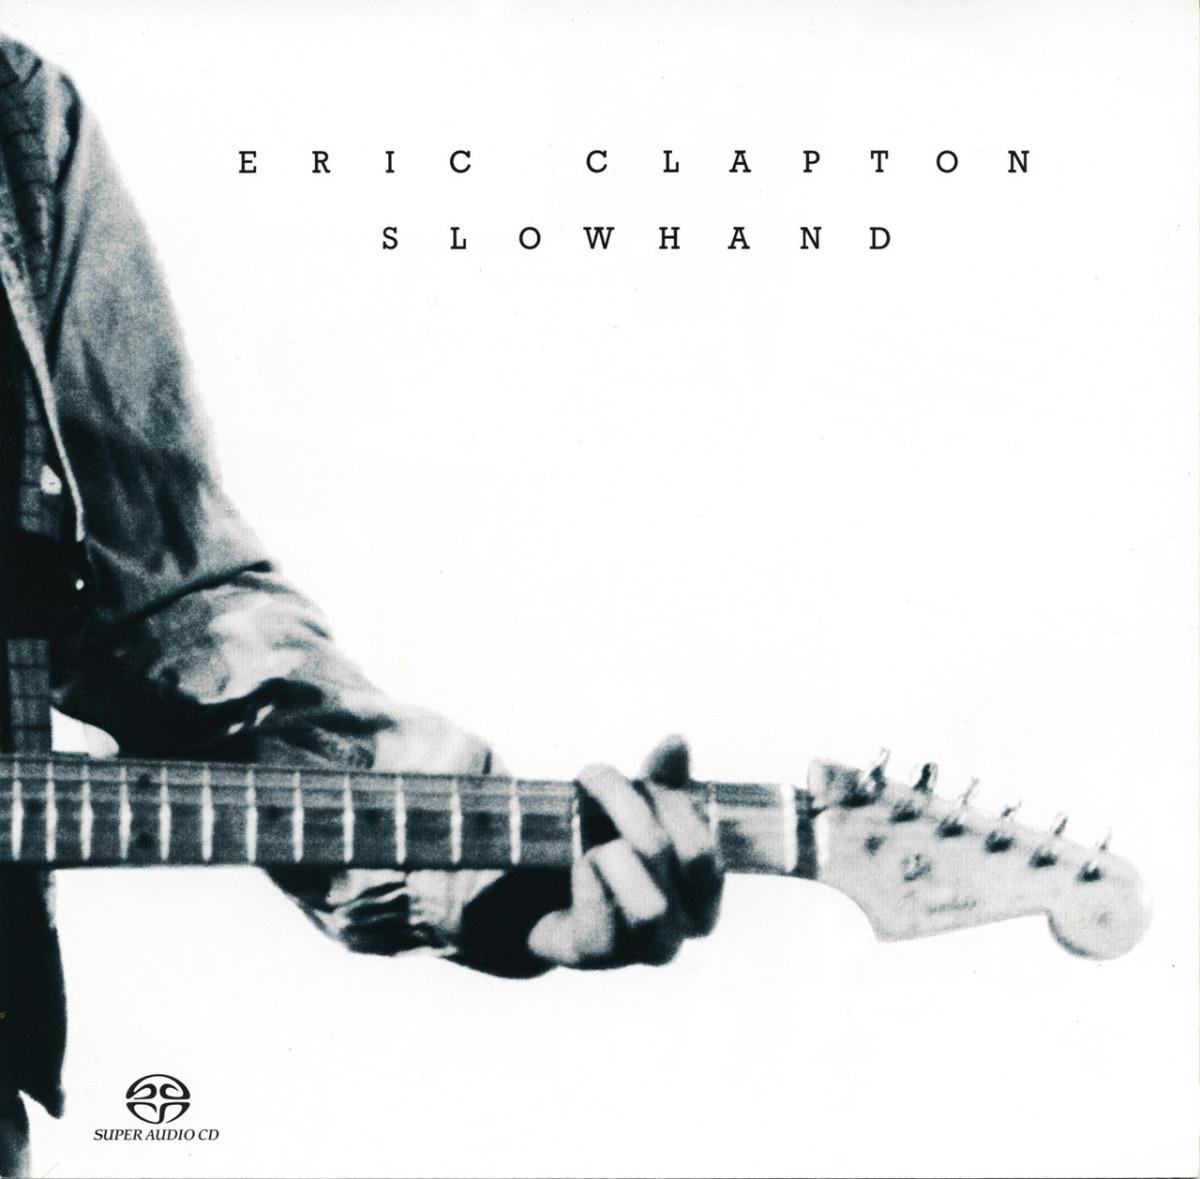 Cover of Eric Clapton's 1977 album